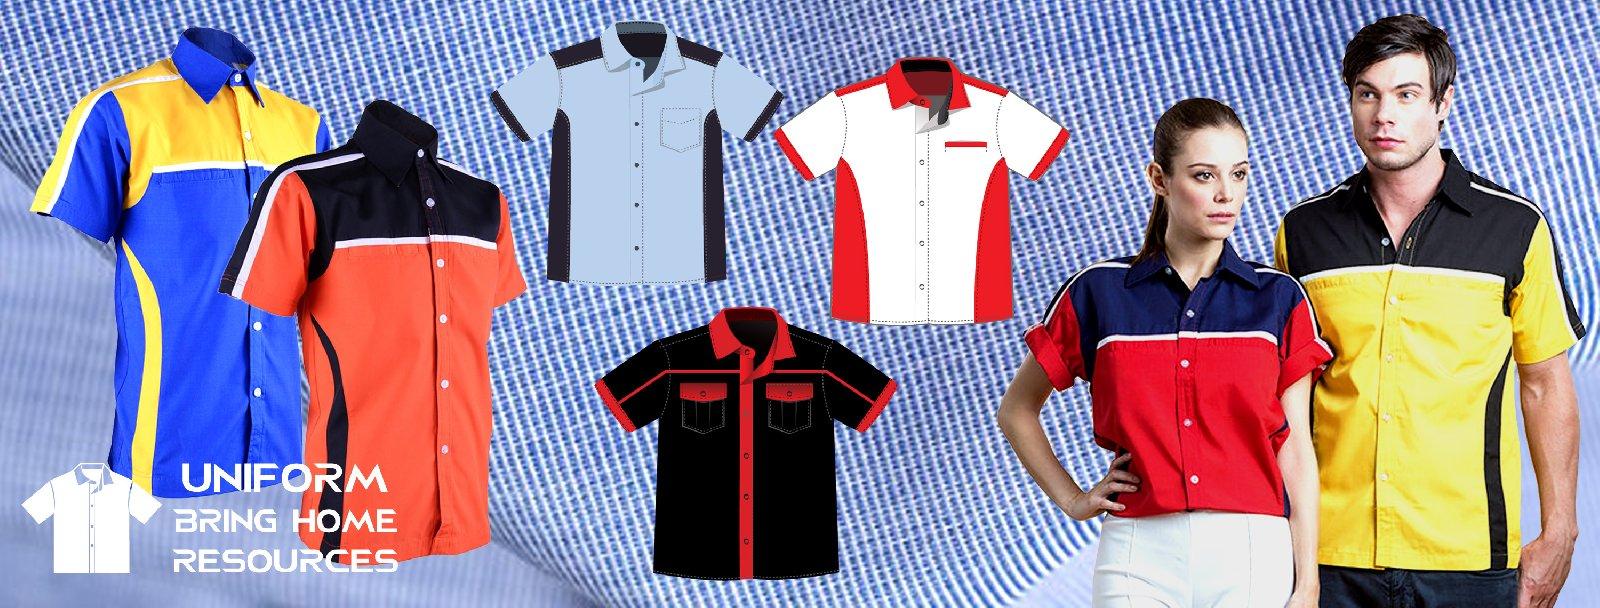 Malaysia Uniform Supplier Selangor Klang Corporate